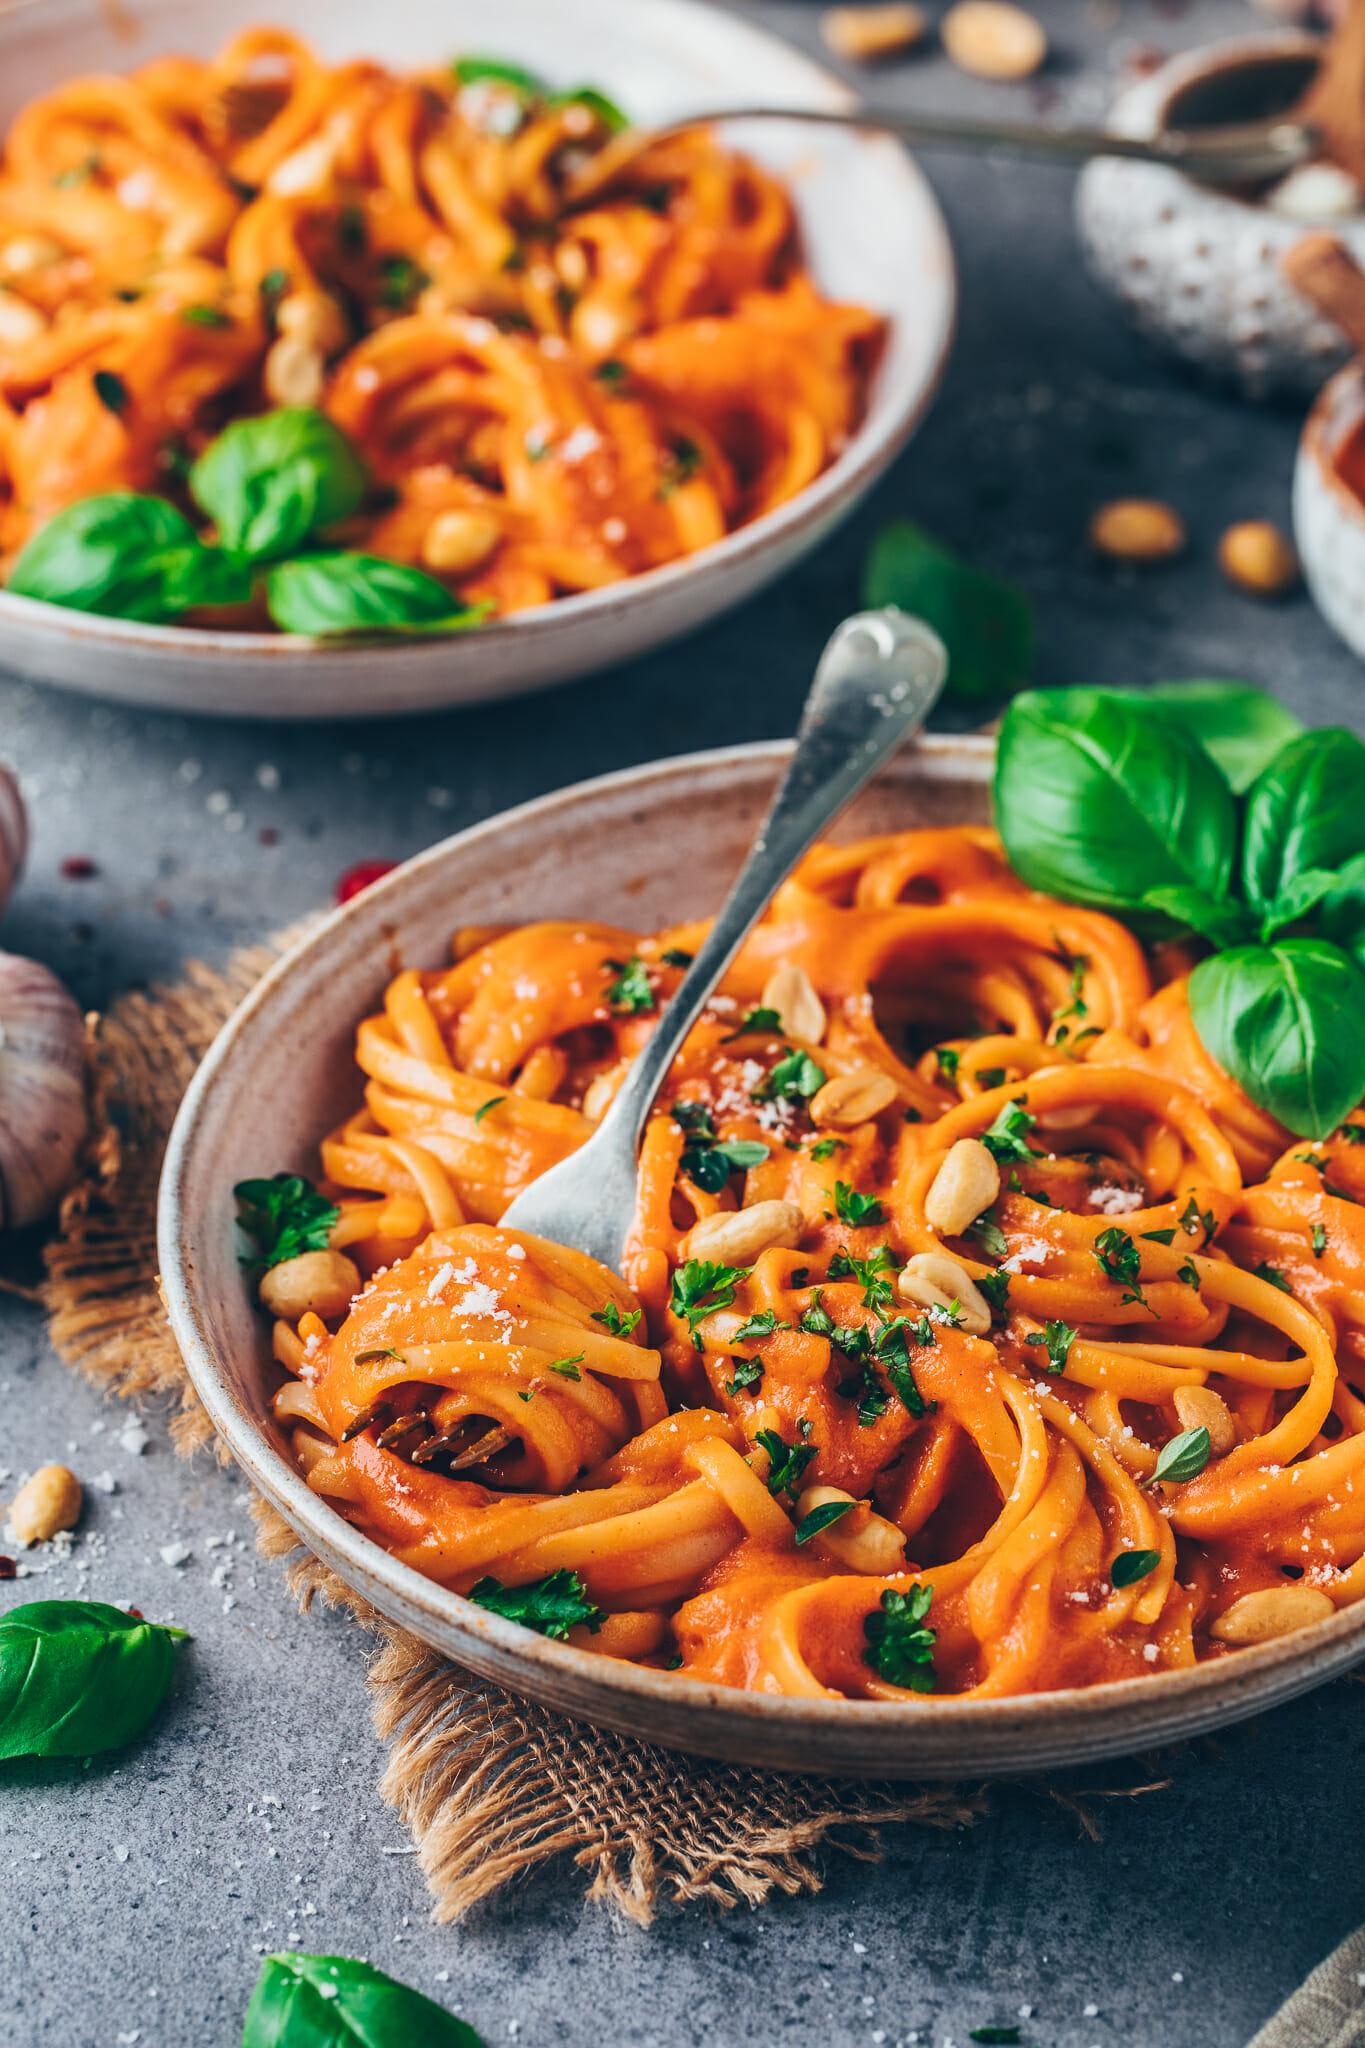 Pasta mit cremiger Paprika-Soße, gerösteten Erdnüssen und frischen Kräutern